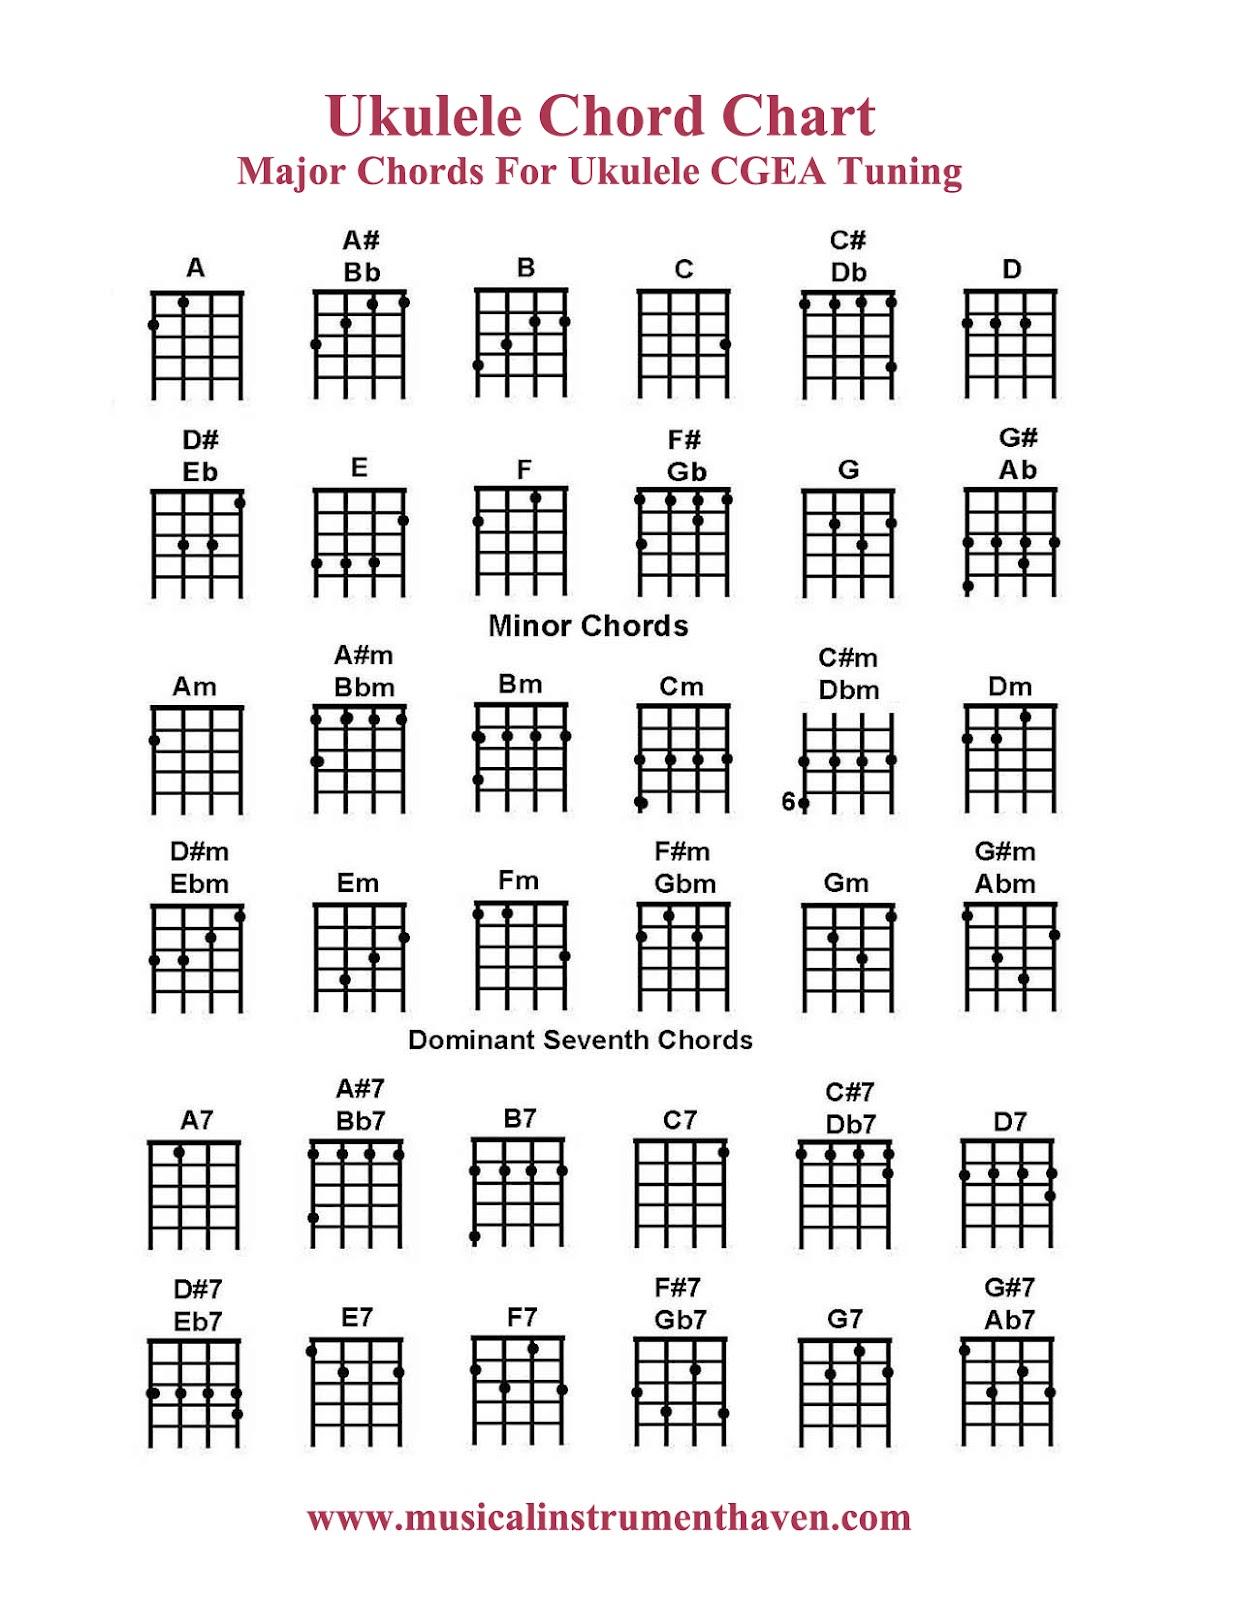 ukulele chord chart chords tuning major ukelele music charts tabs play sheet basic cgea beginner bbm notes guitar resources uke